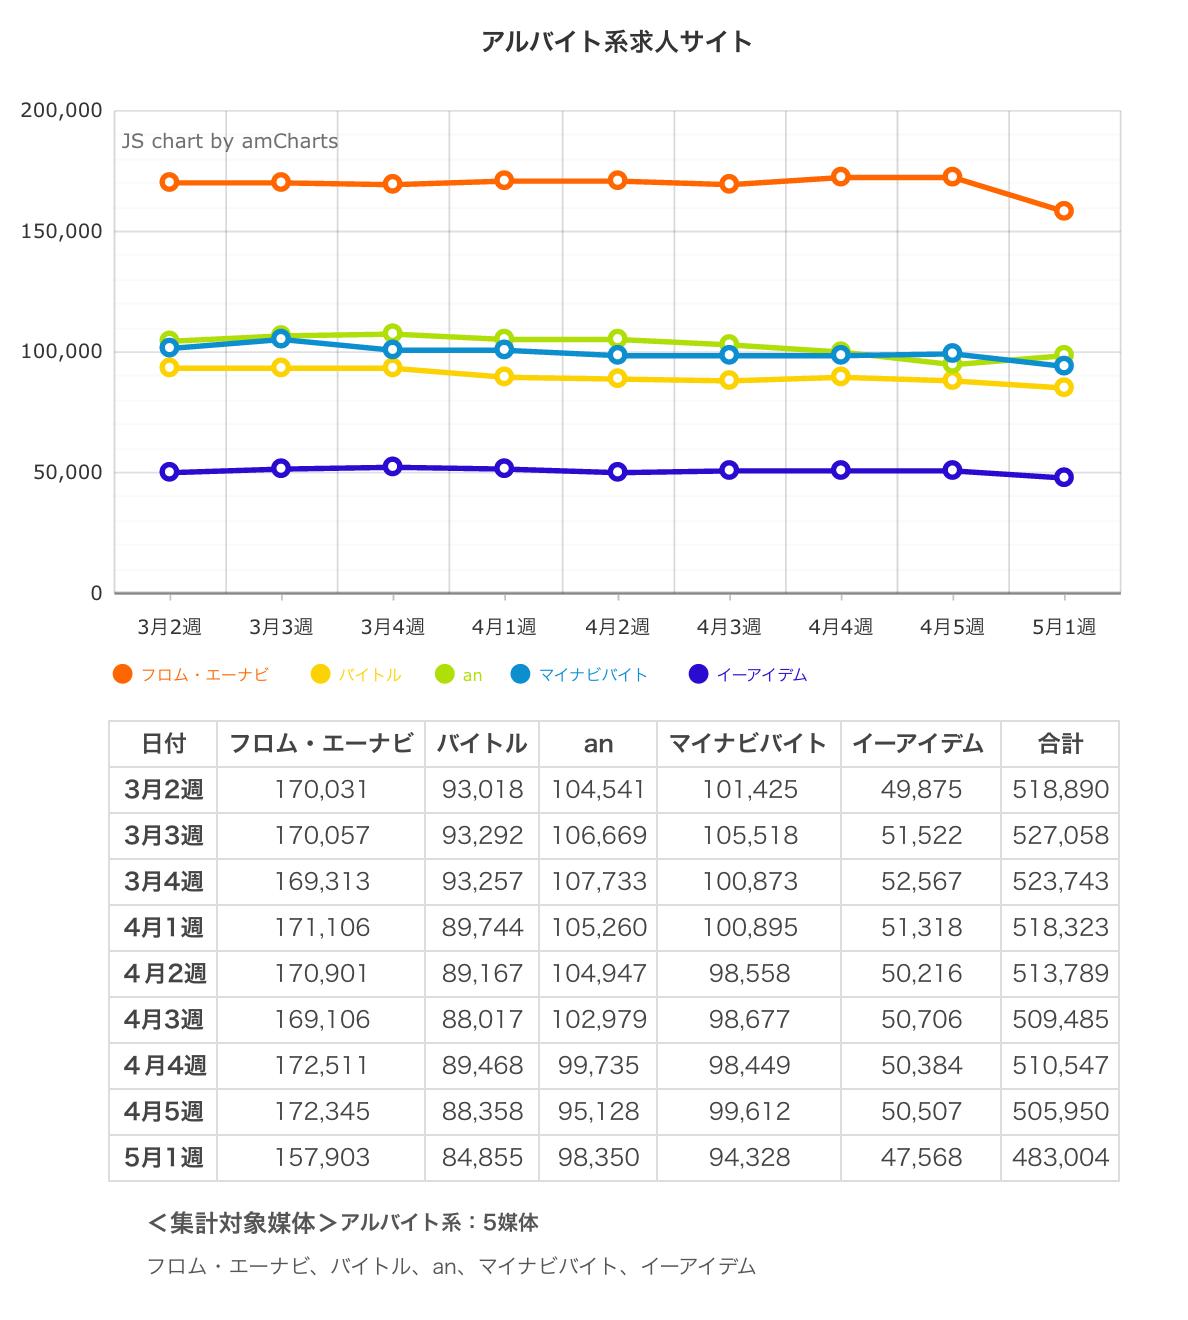 ウィークリー求人サイト掲載件数速報 2015年5月1週